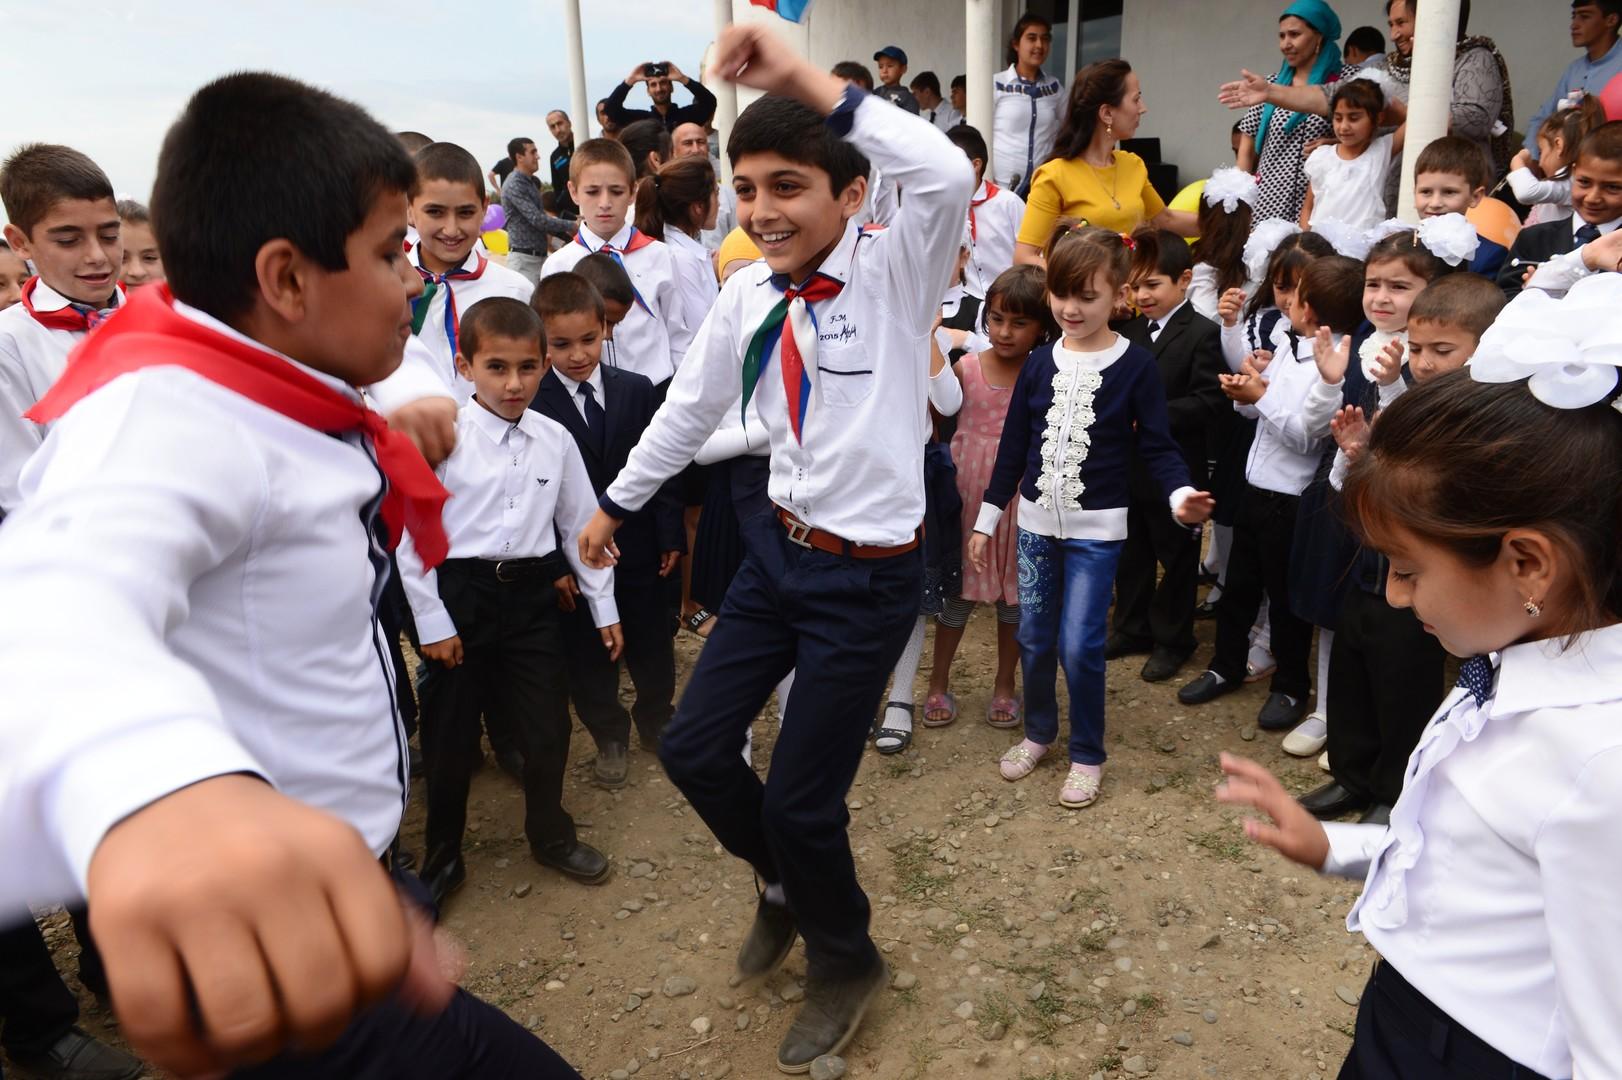 Школьники из Дербентского района Дагестана на праздничной линейке в День знаний